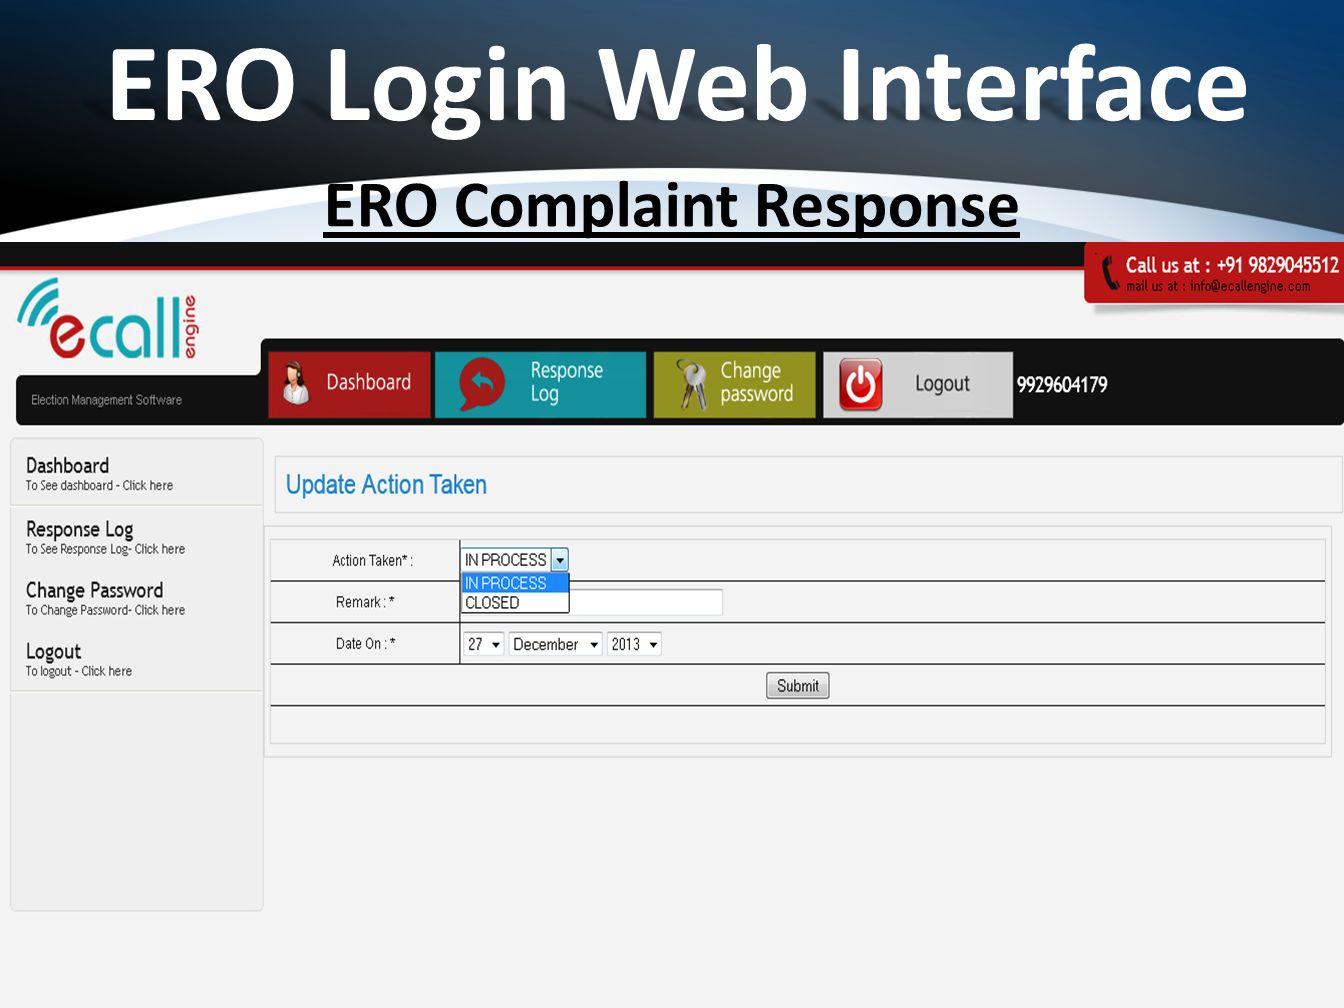 ERO Complaint Response